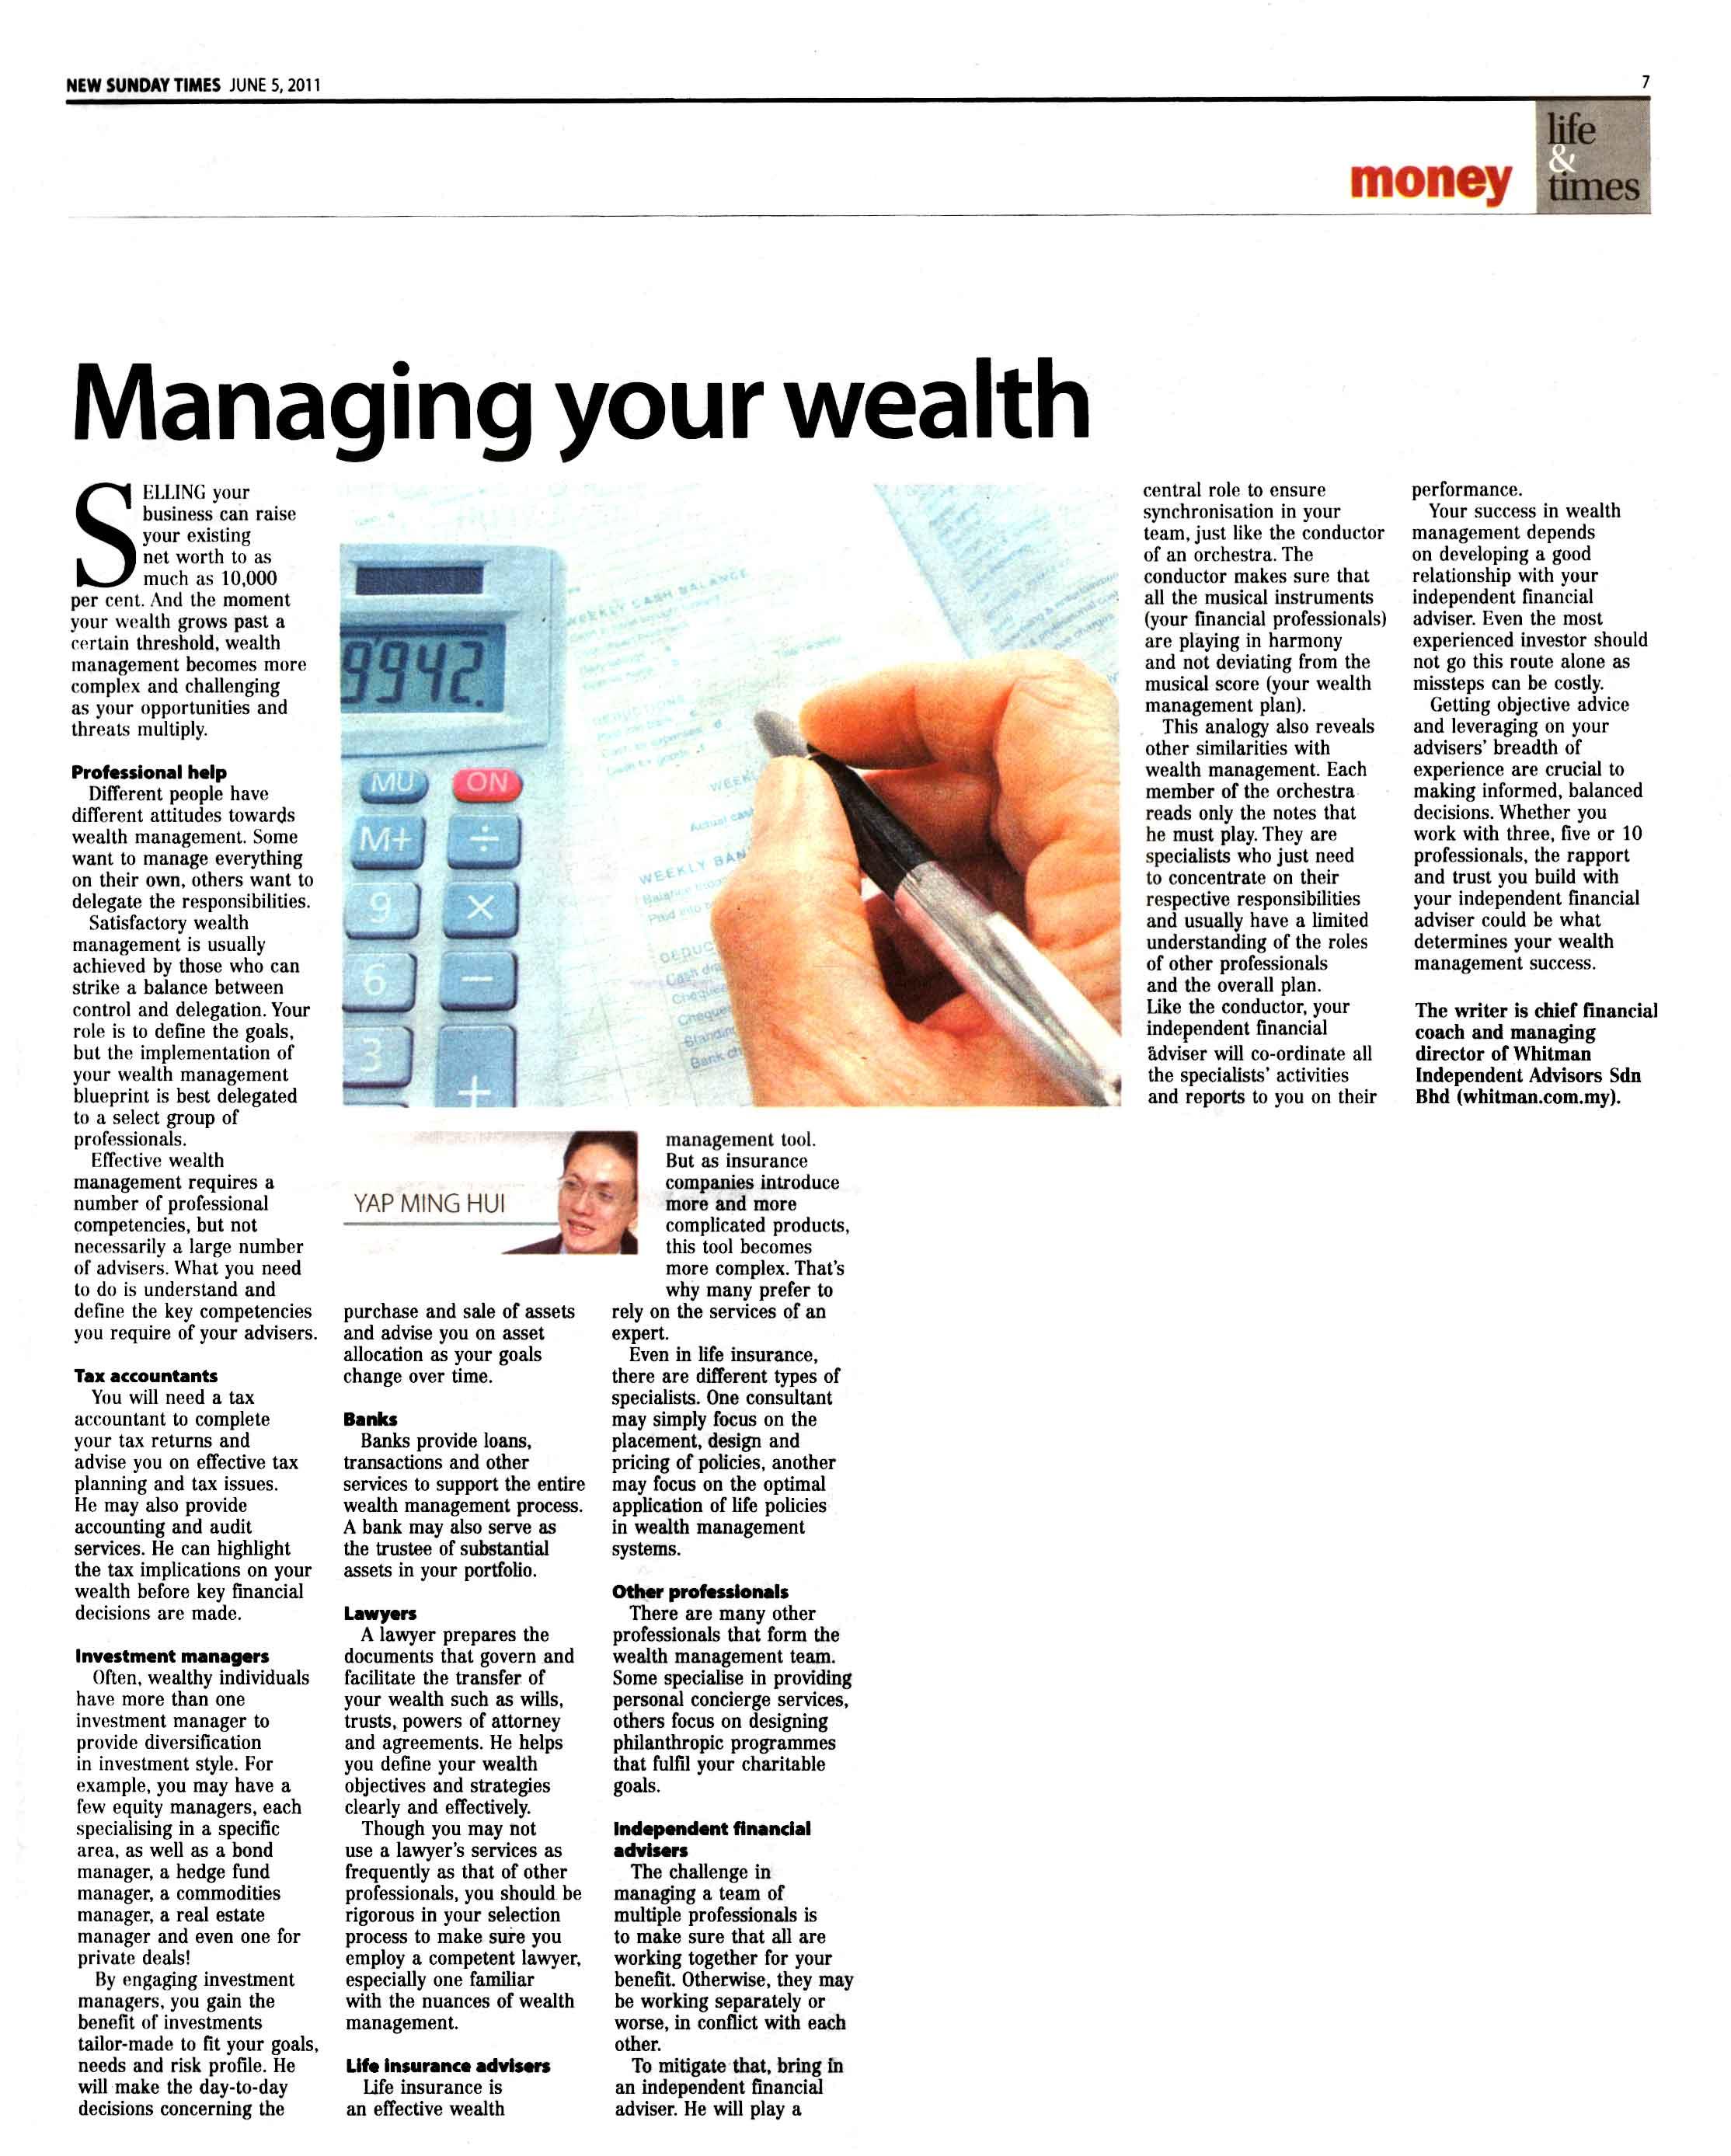 Managing Your Wealth - 05 Jun 2011